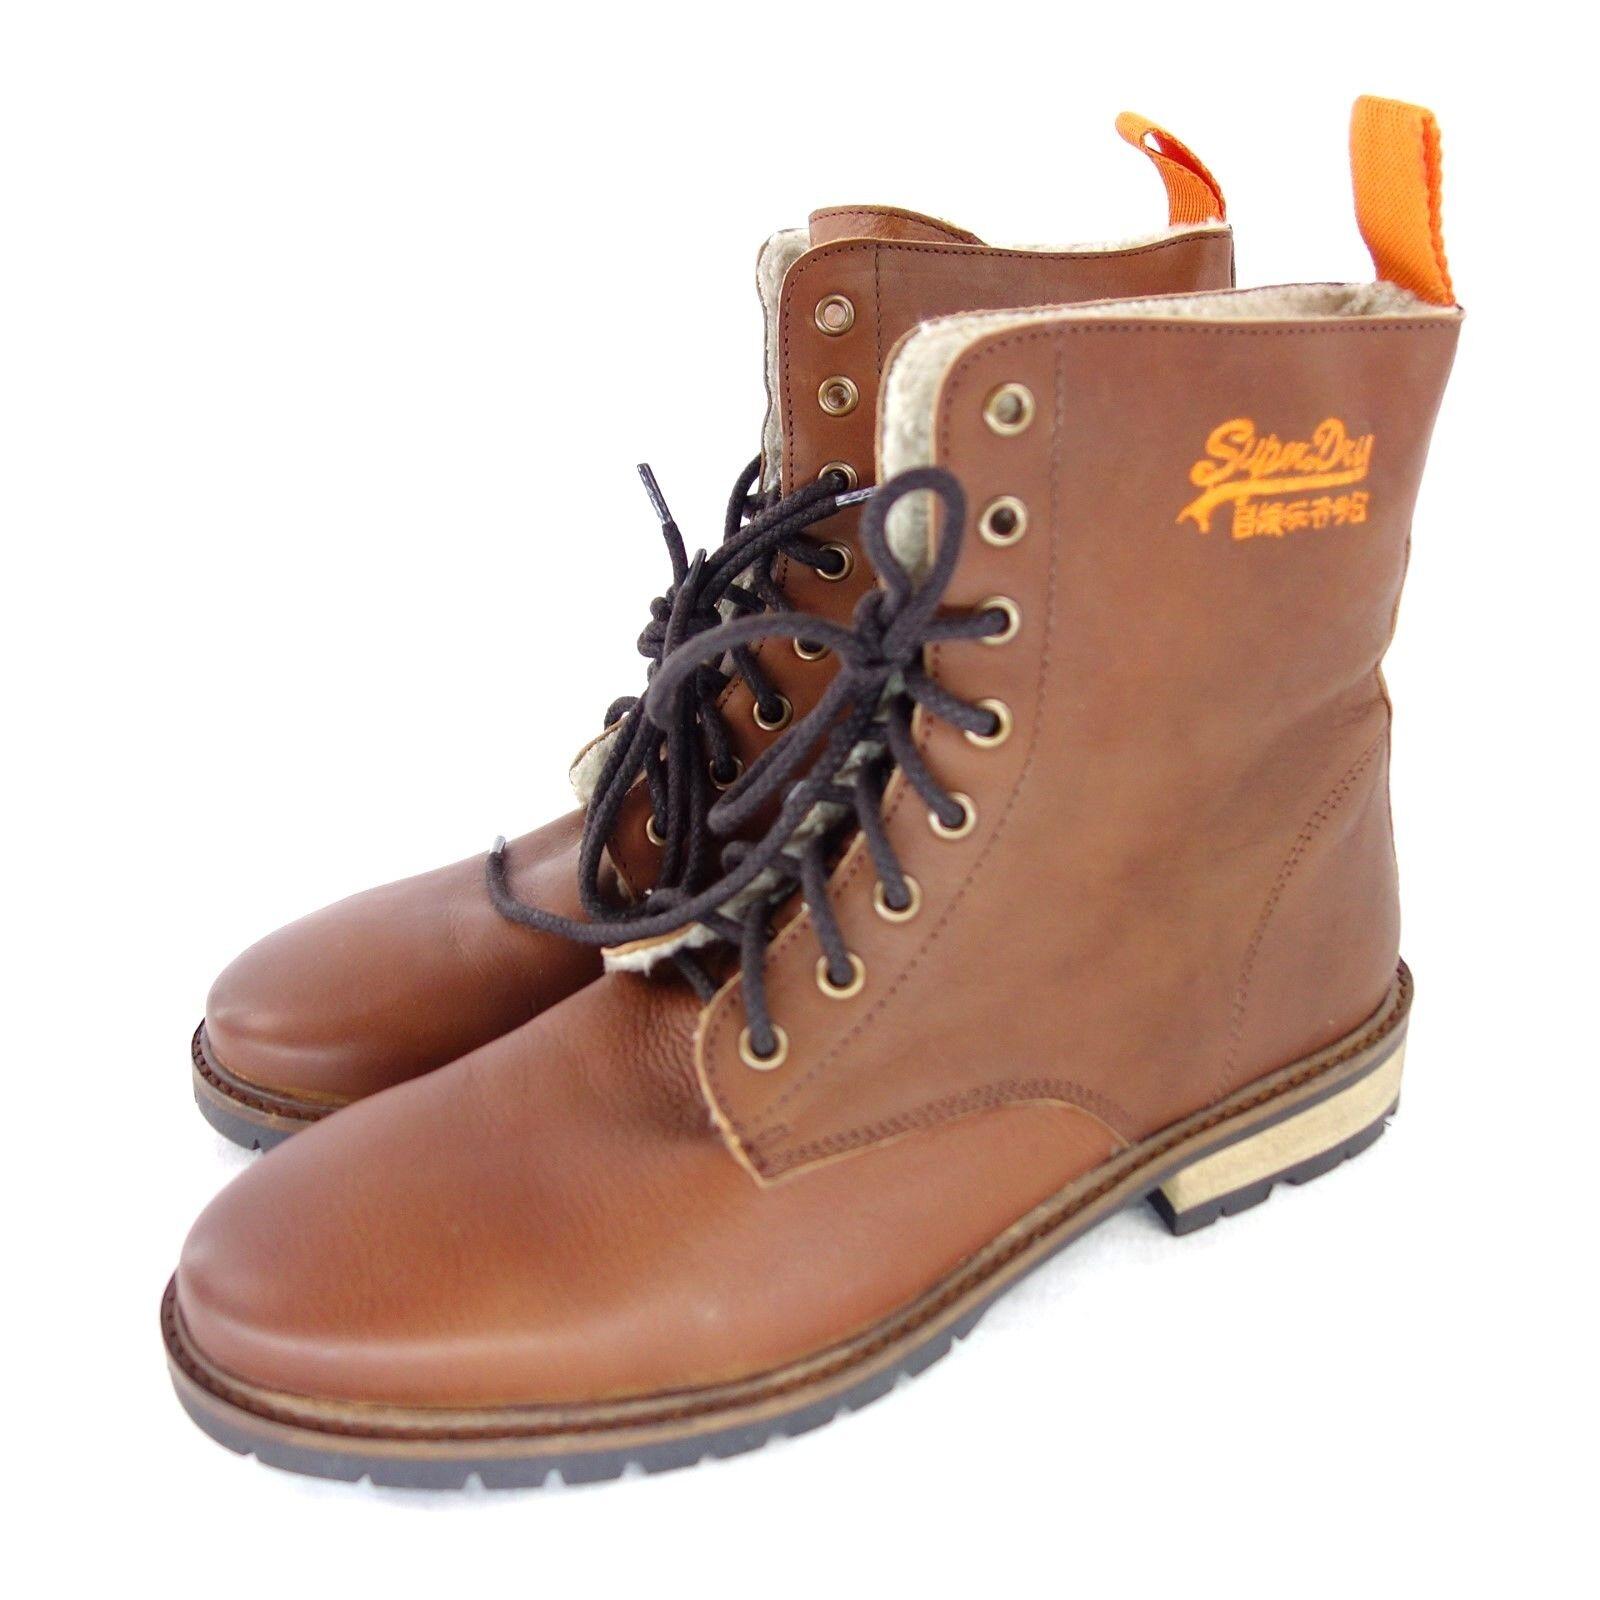 SUPERDRY Herren Boots Stiefel Gr 43 Braun Leder Fell Futter Warm NP 139 NEU